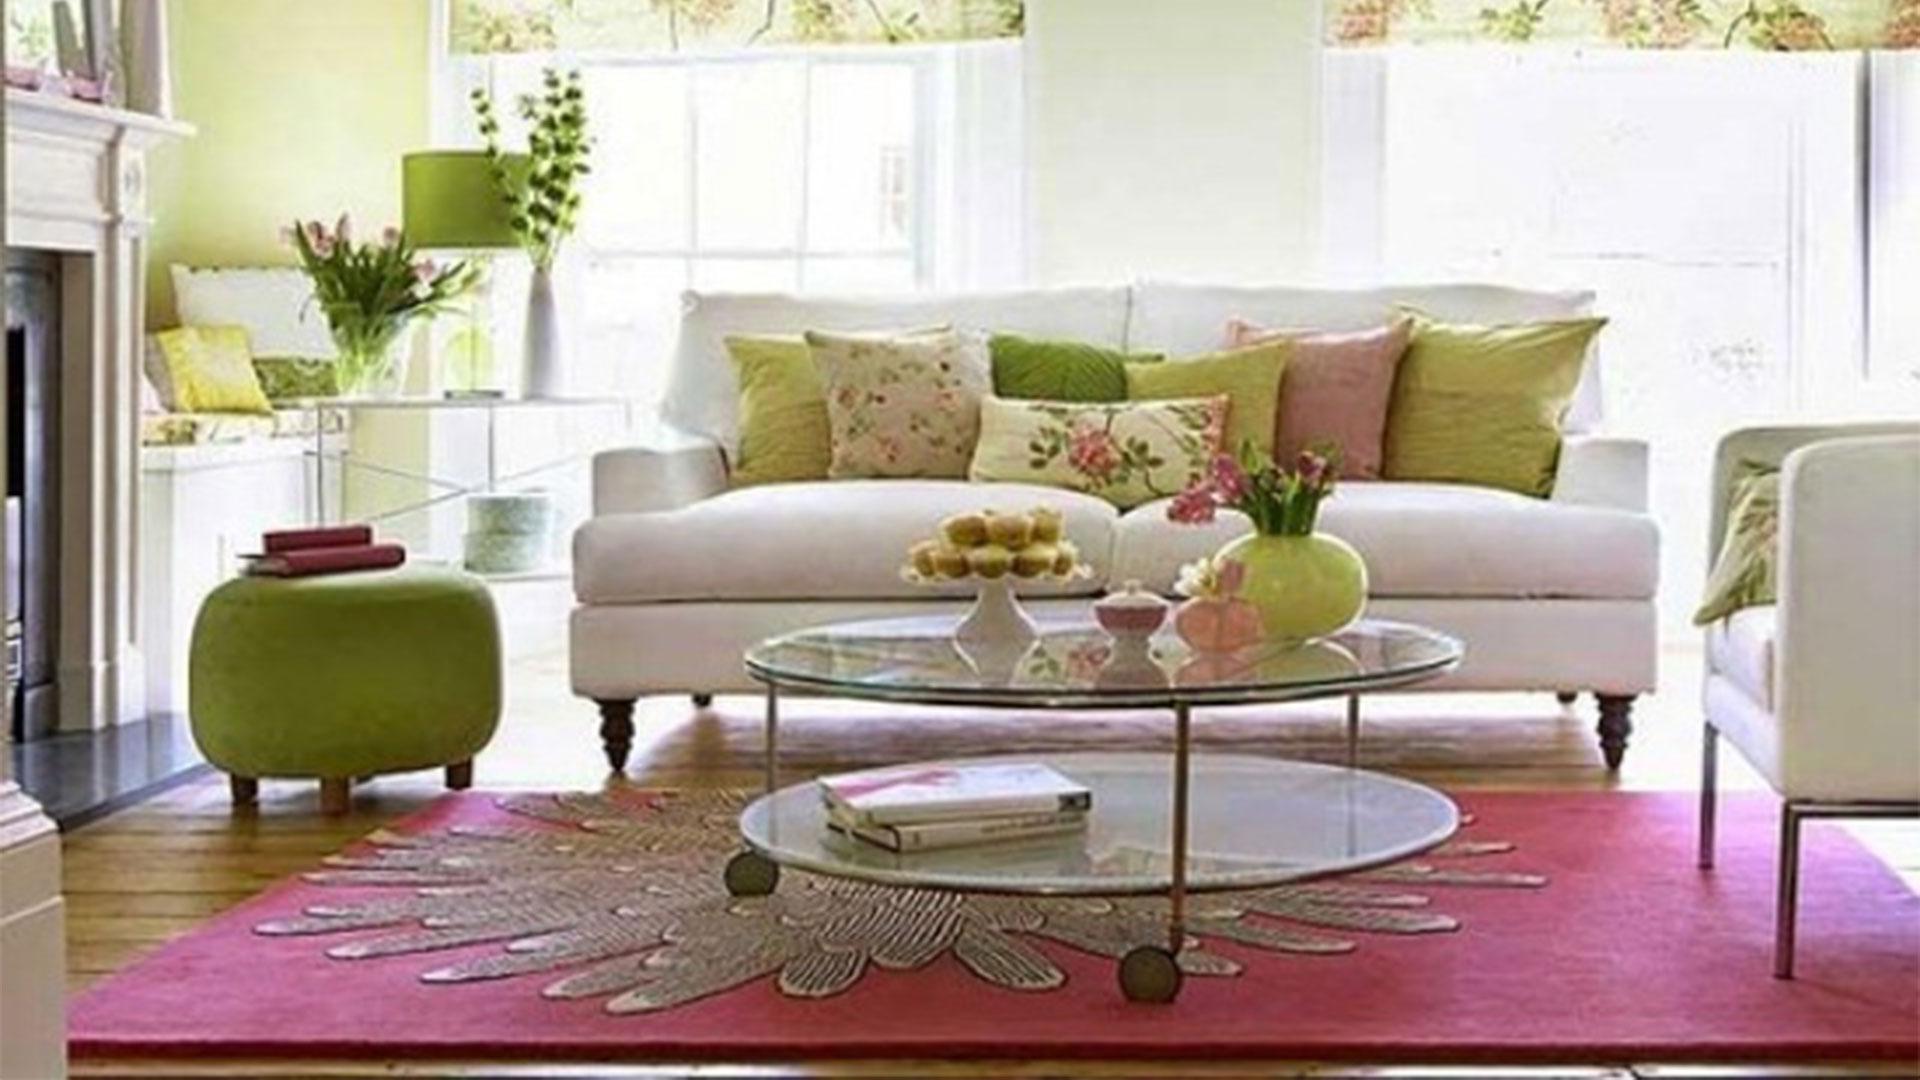 interior-small-living-room-color-ideas-for-home-interior-home-design